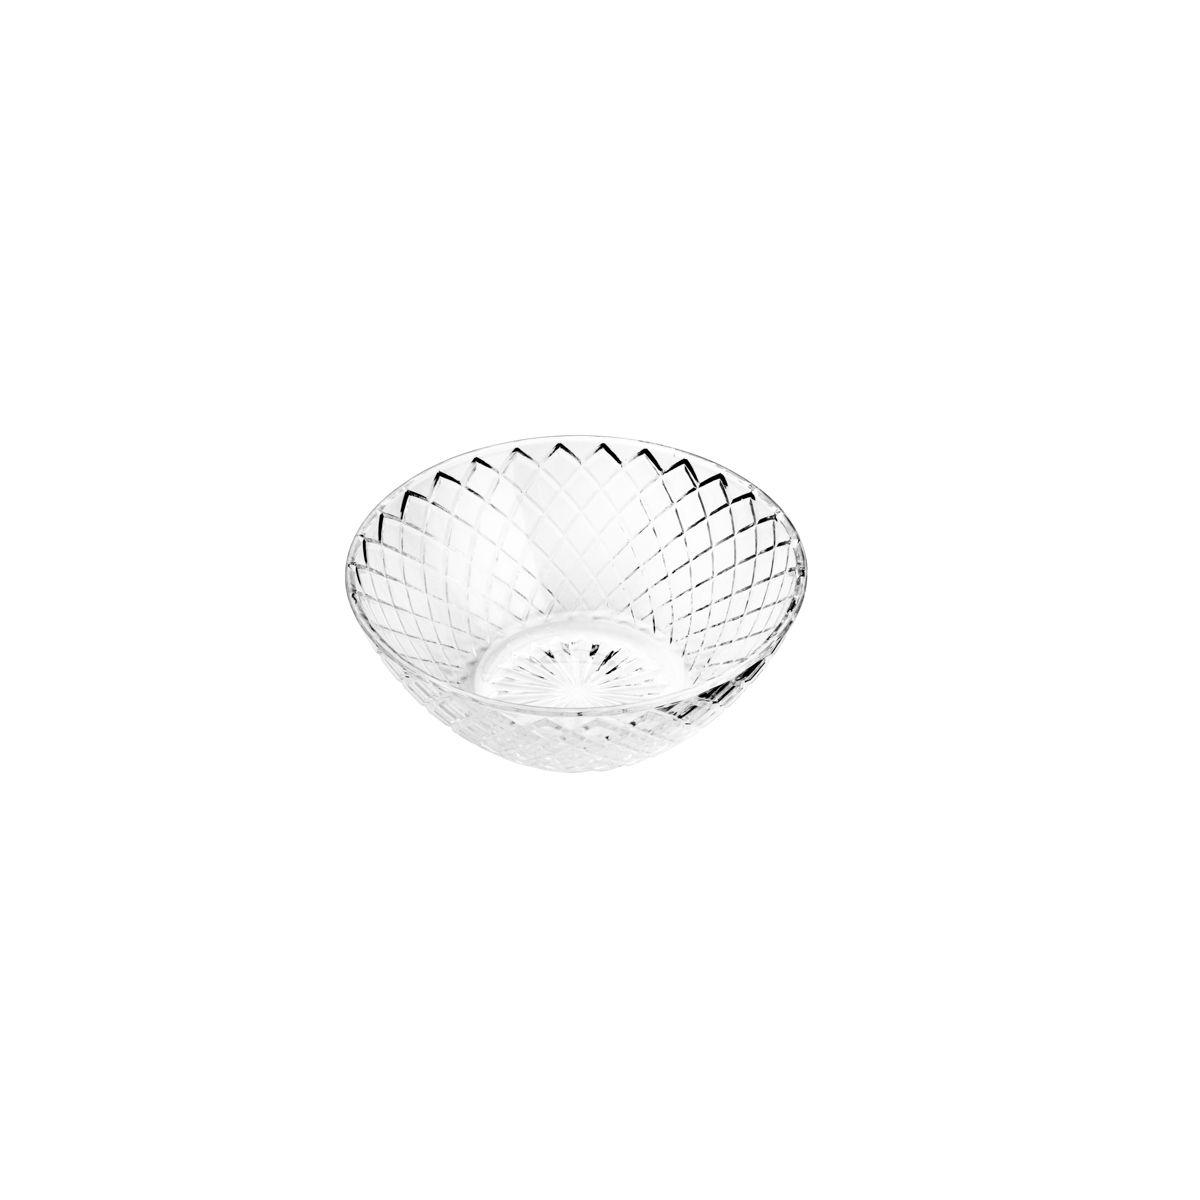 Cj 6 Bowls De Vidro Grid Transparente 13cm